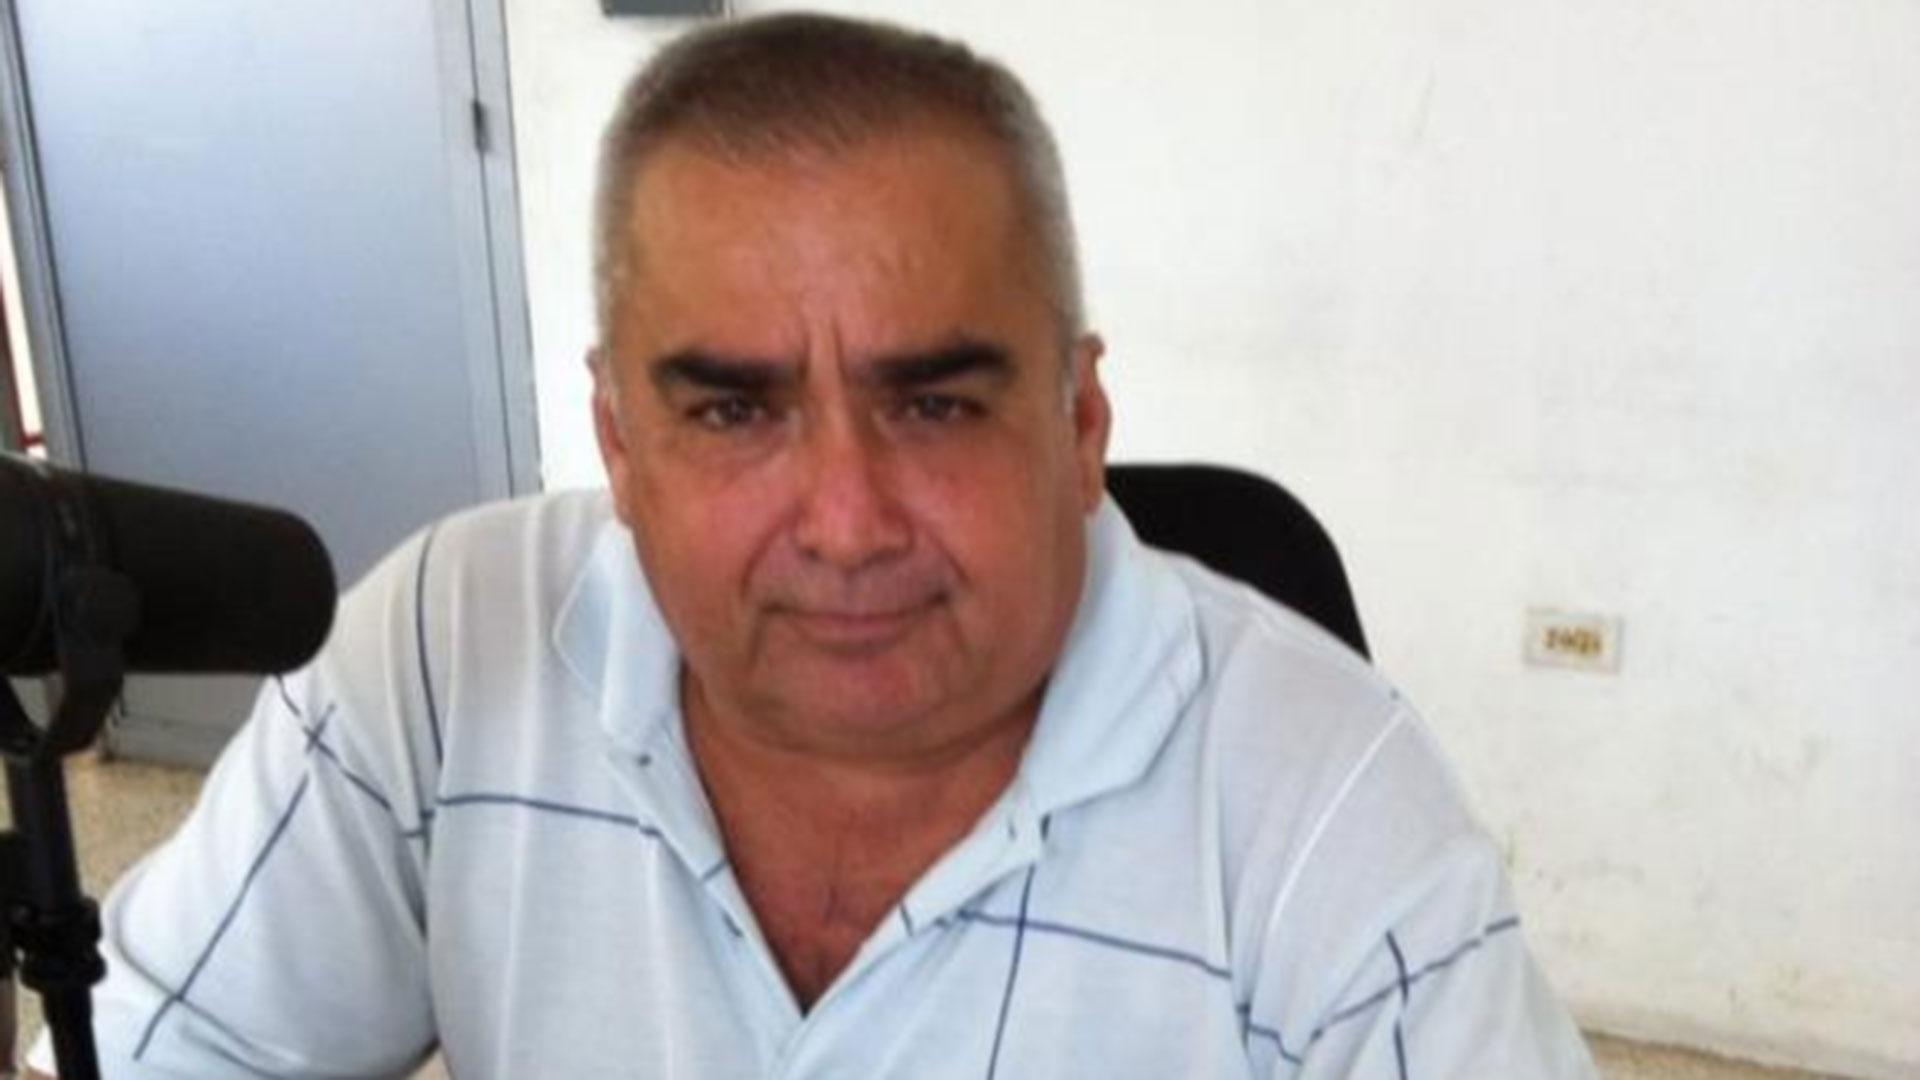 El asesinato de Ramos Rodríguez fue el segundo de un periodista mexicano en lo que va de 2019